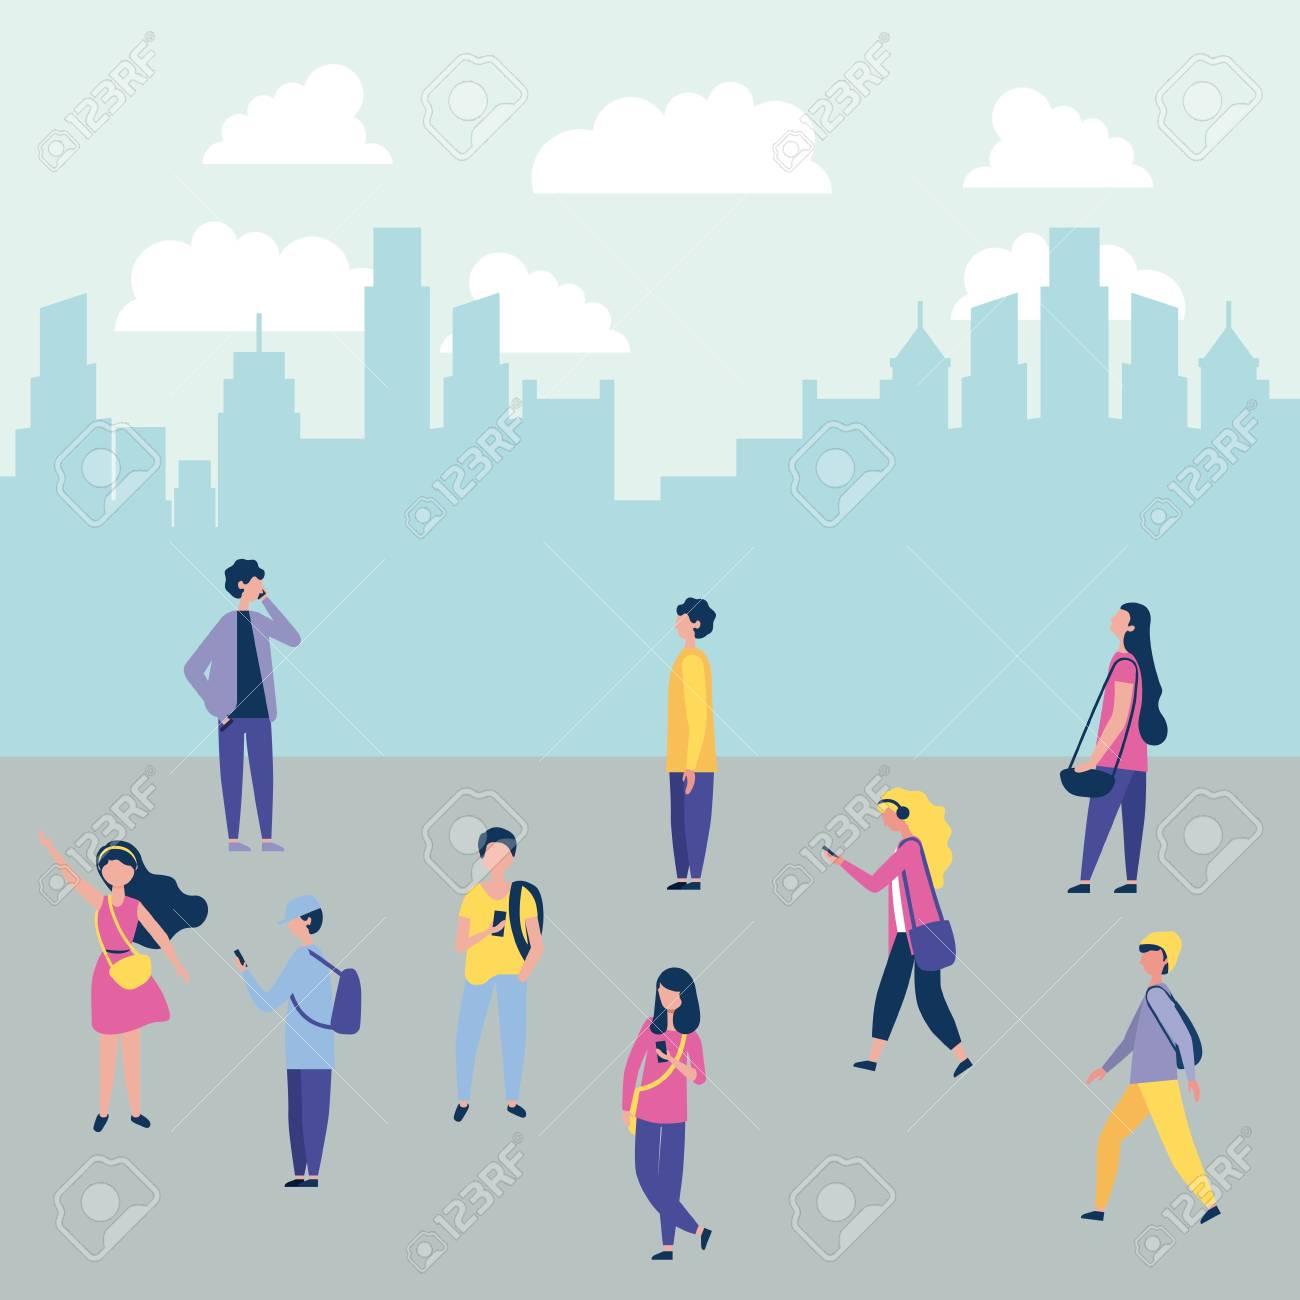 outdoor activities city people walking street vector illustration - 109952085